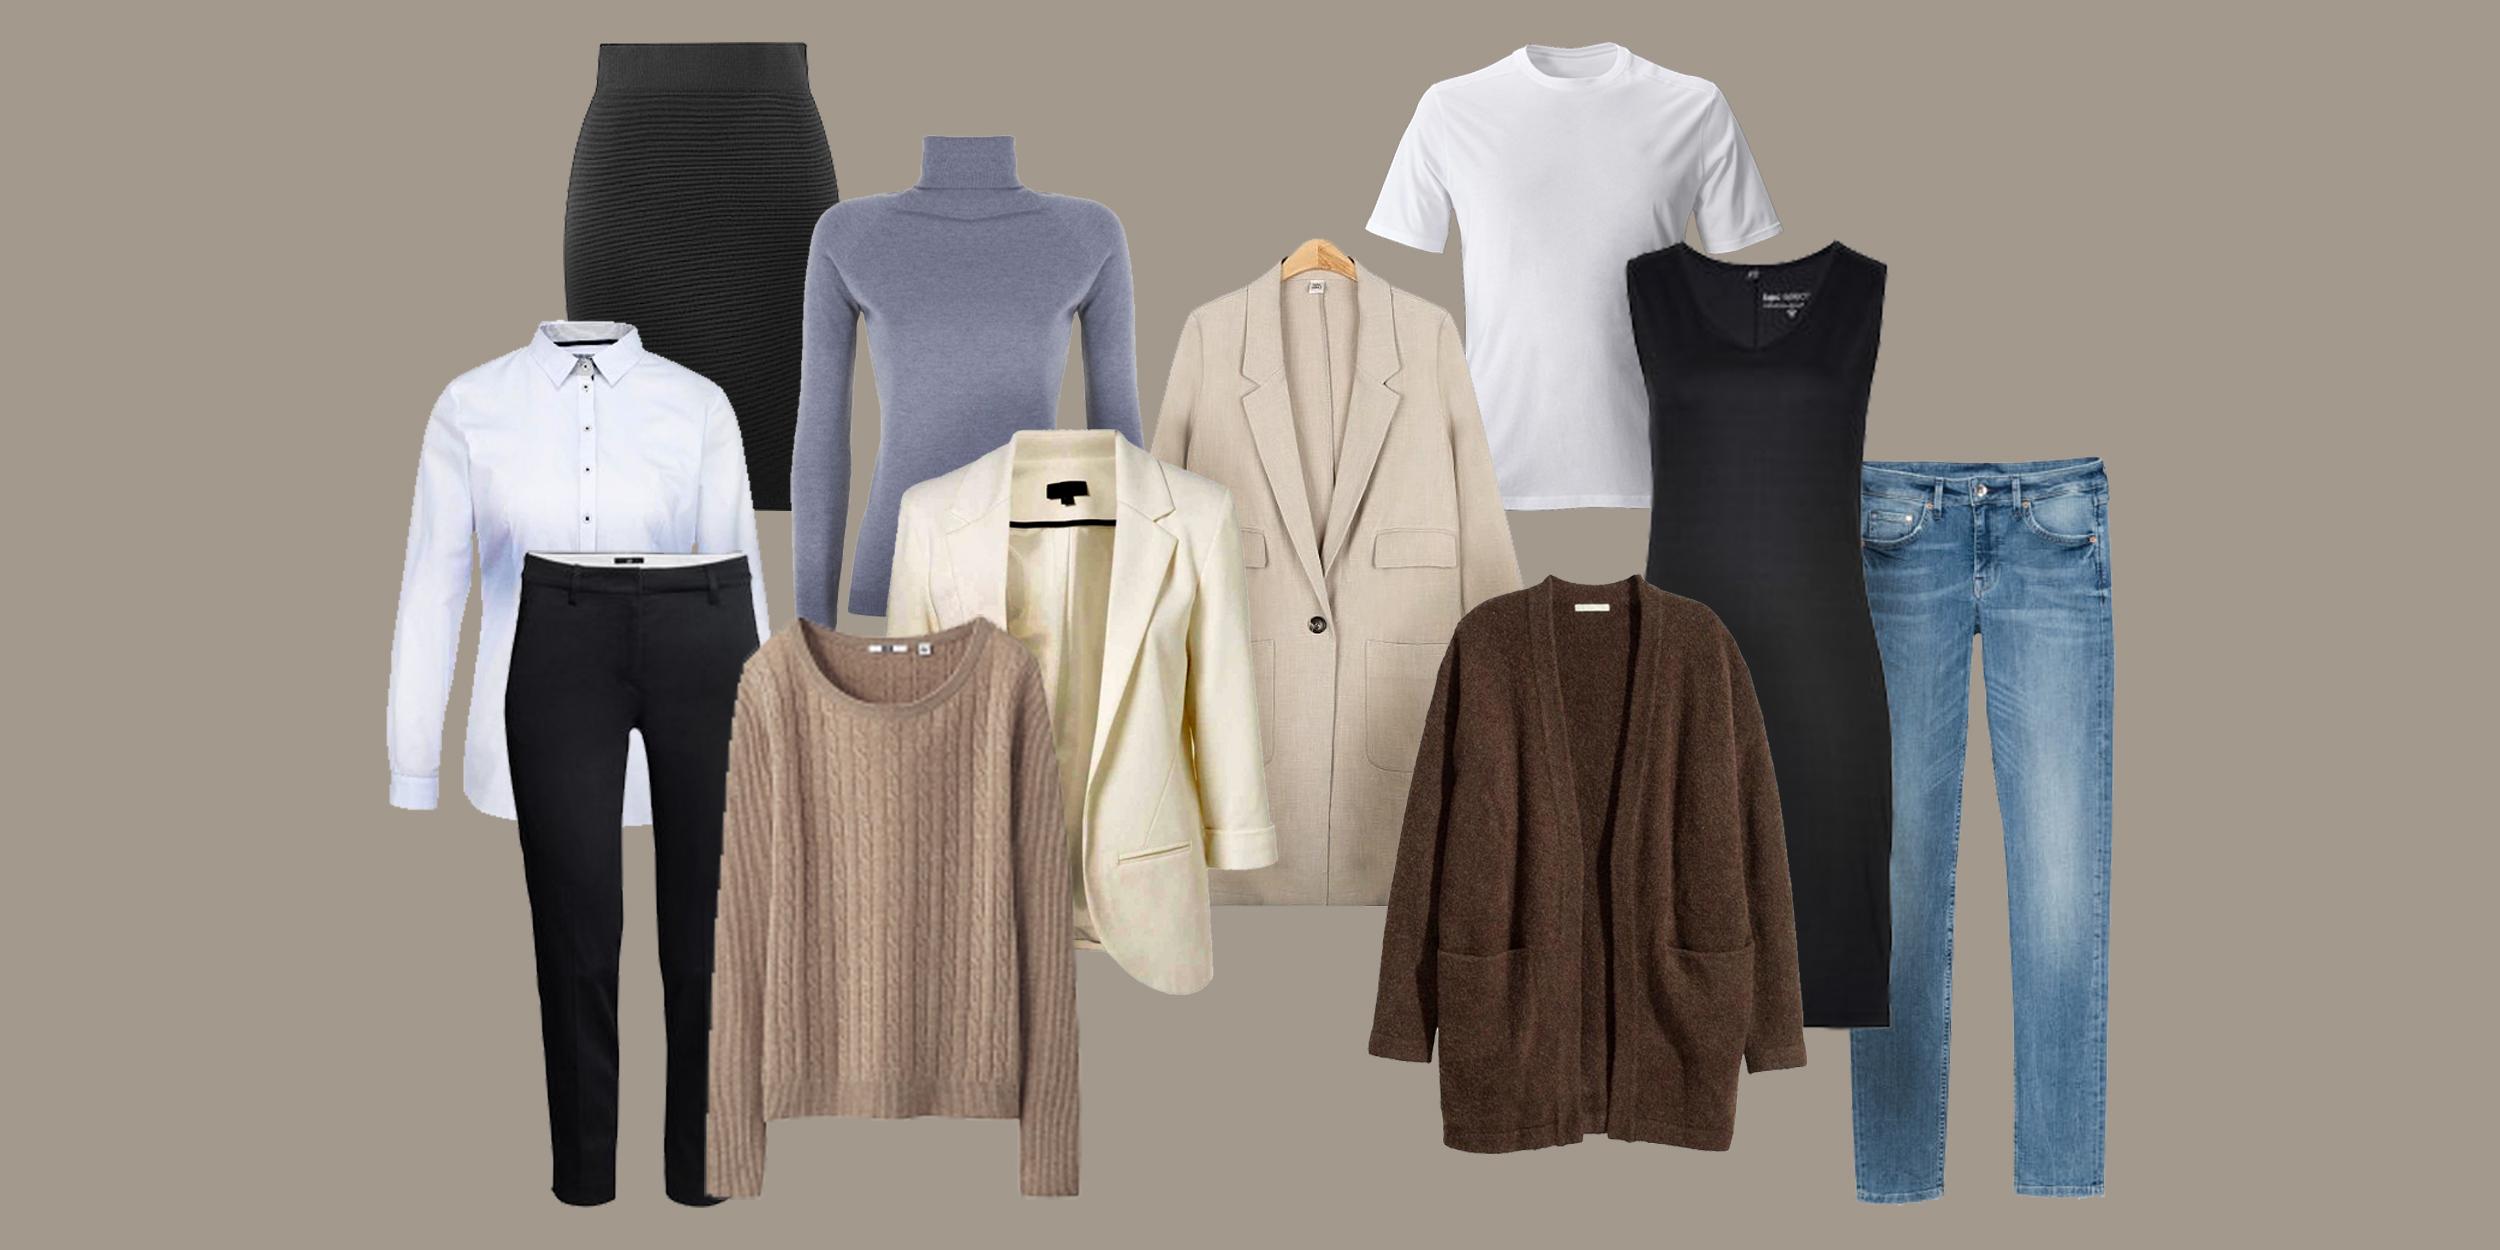 3fdf3d28b2722d5 Как собрать базовый гардероб: подробный чек-лист для женщин и мужчин -  Лайфхакер